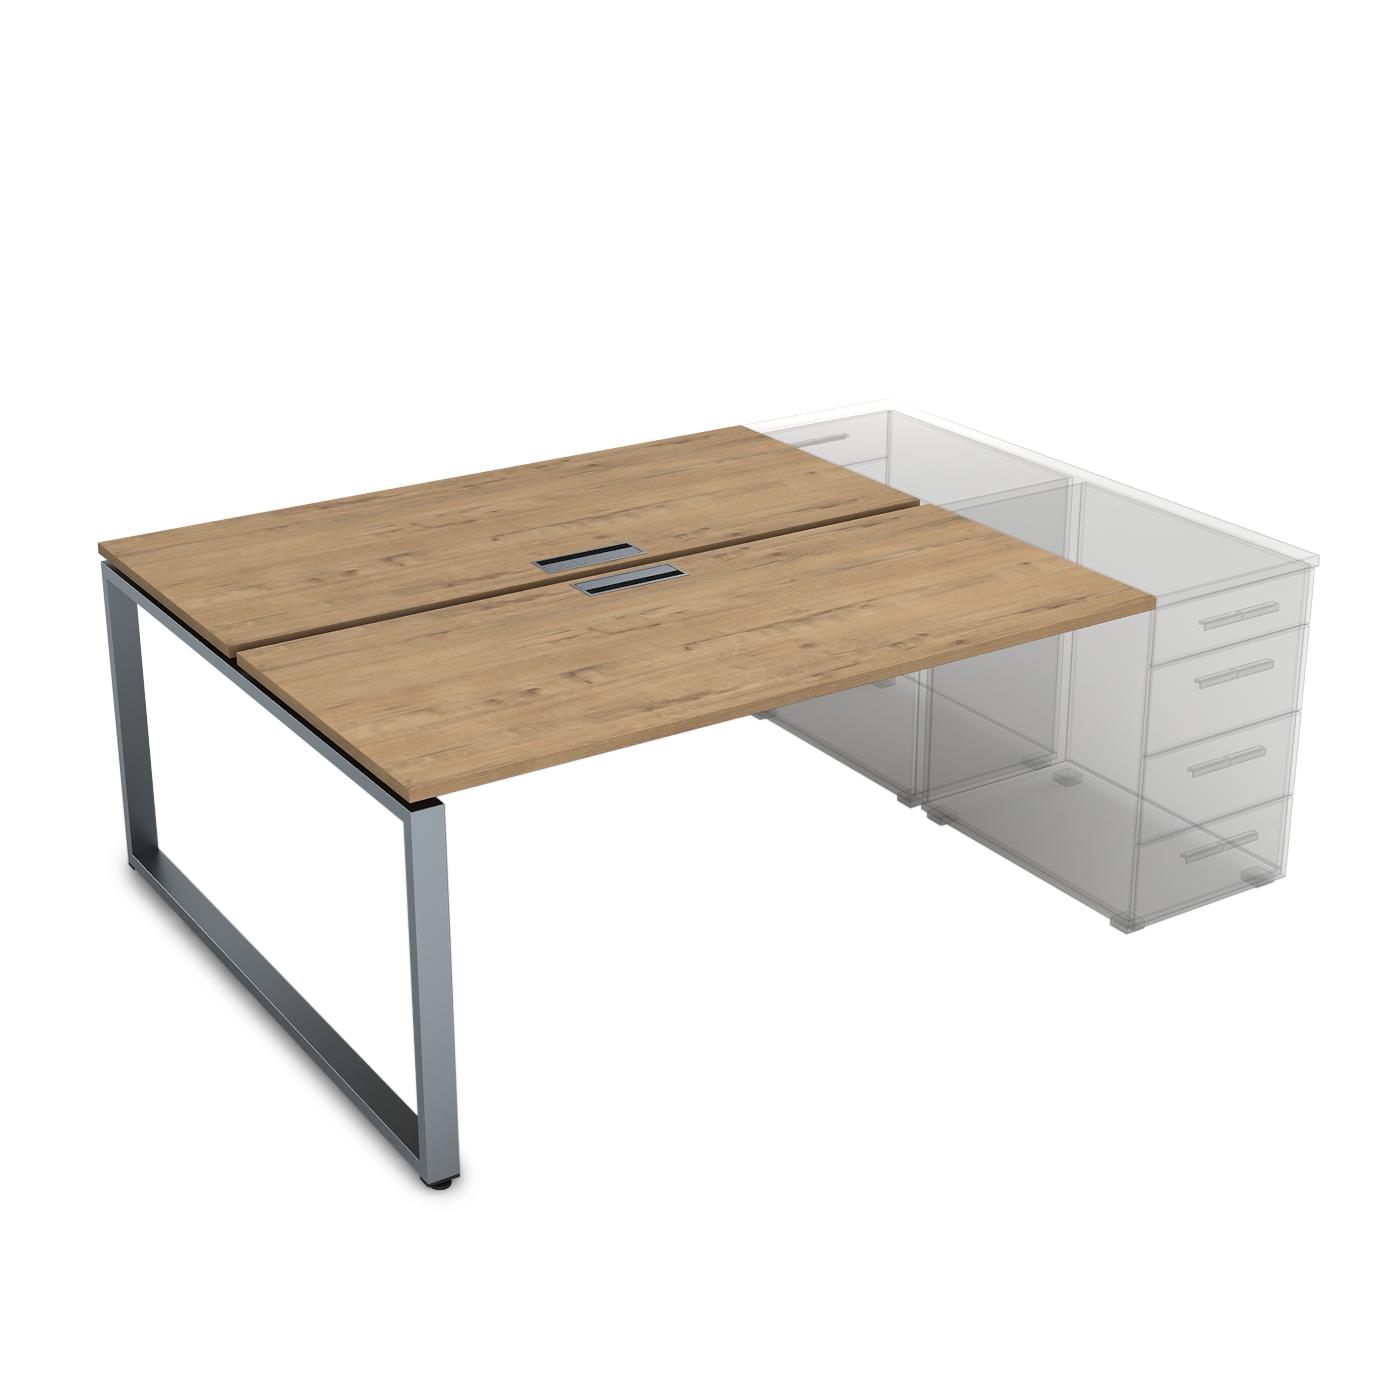 Стол приставной системы Бенч, сдвоенный, на 2 рабочих места 1600х1635х750